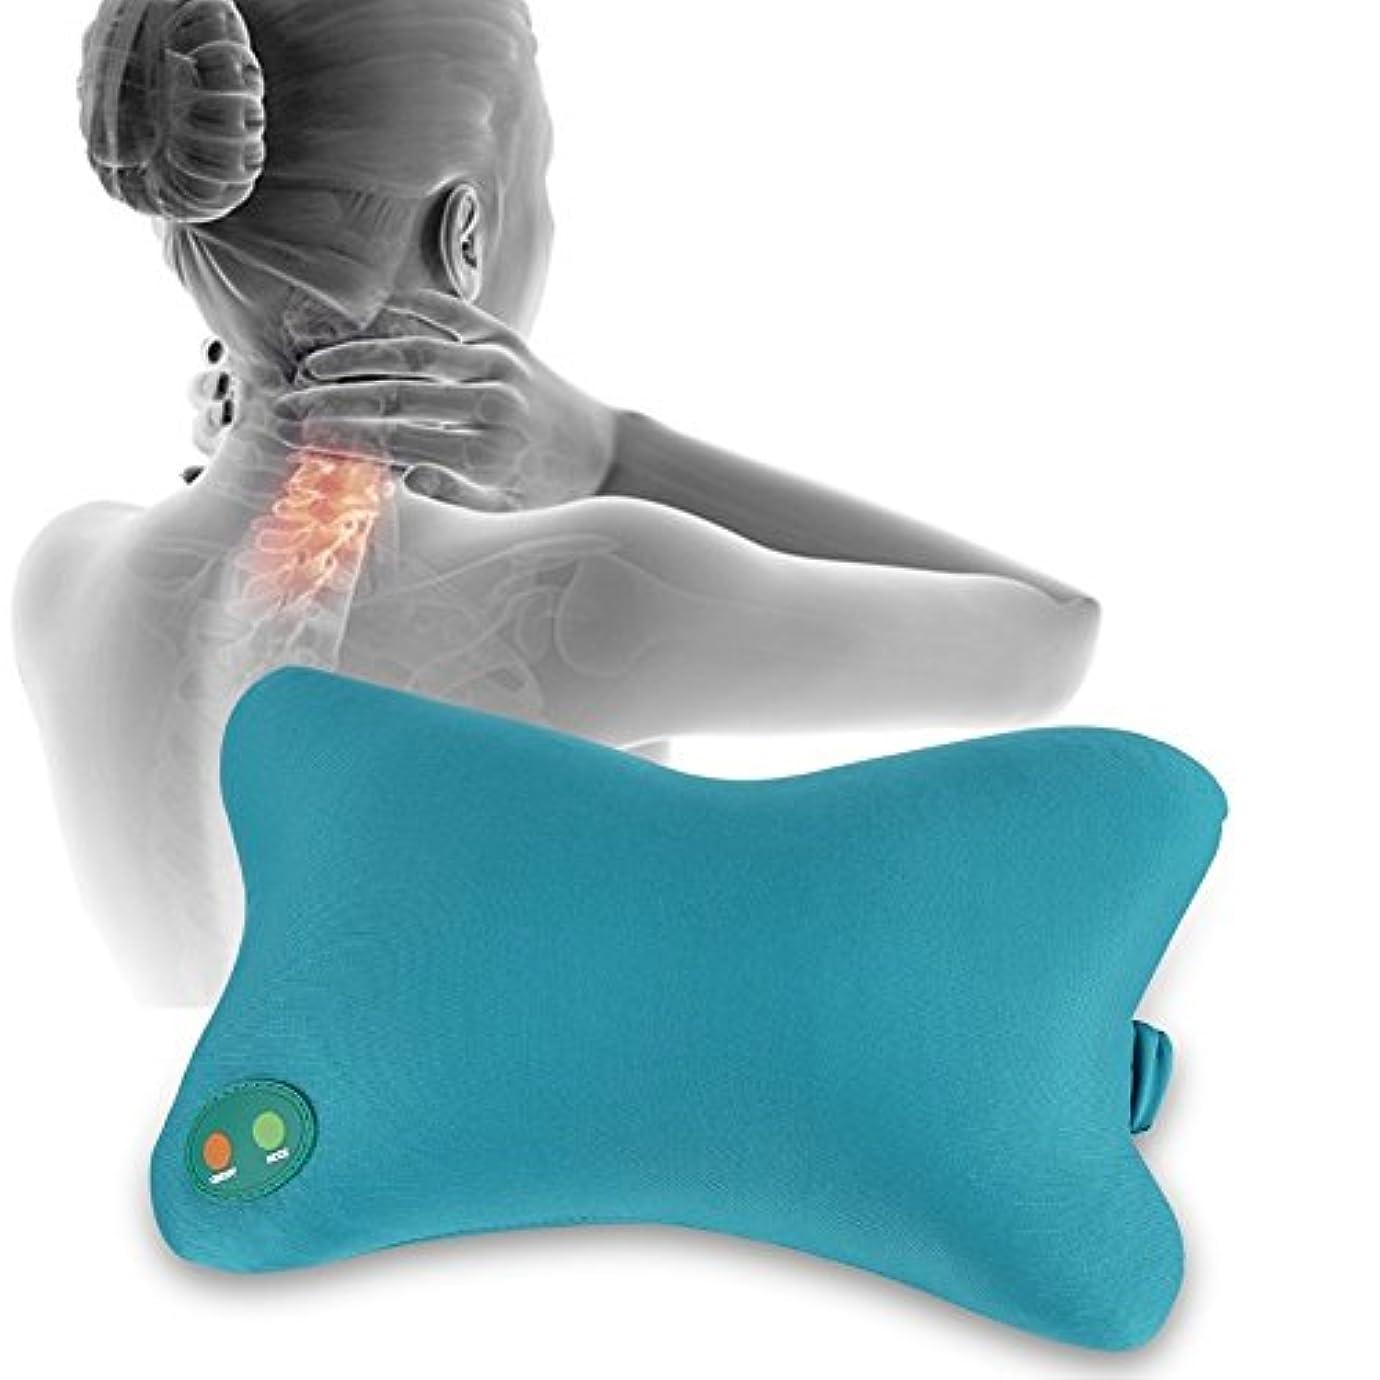 短命カイウス不道徳マッサージピロー、背中の痛みを軽減するための柔らかい電気ネックマッサージの刺激のクッション車のオフィスホームナップの使用、CEの承認